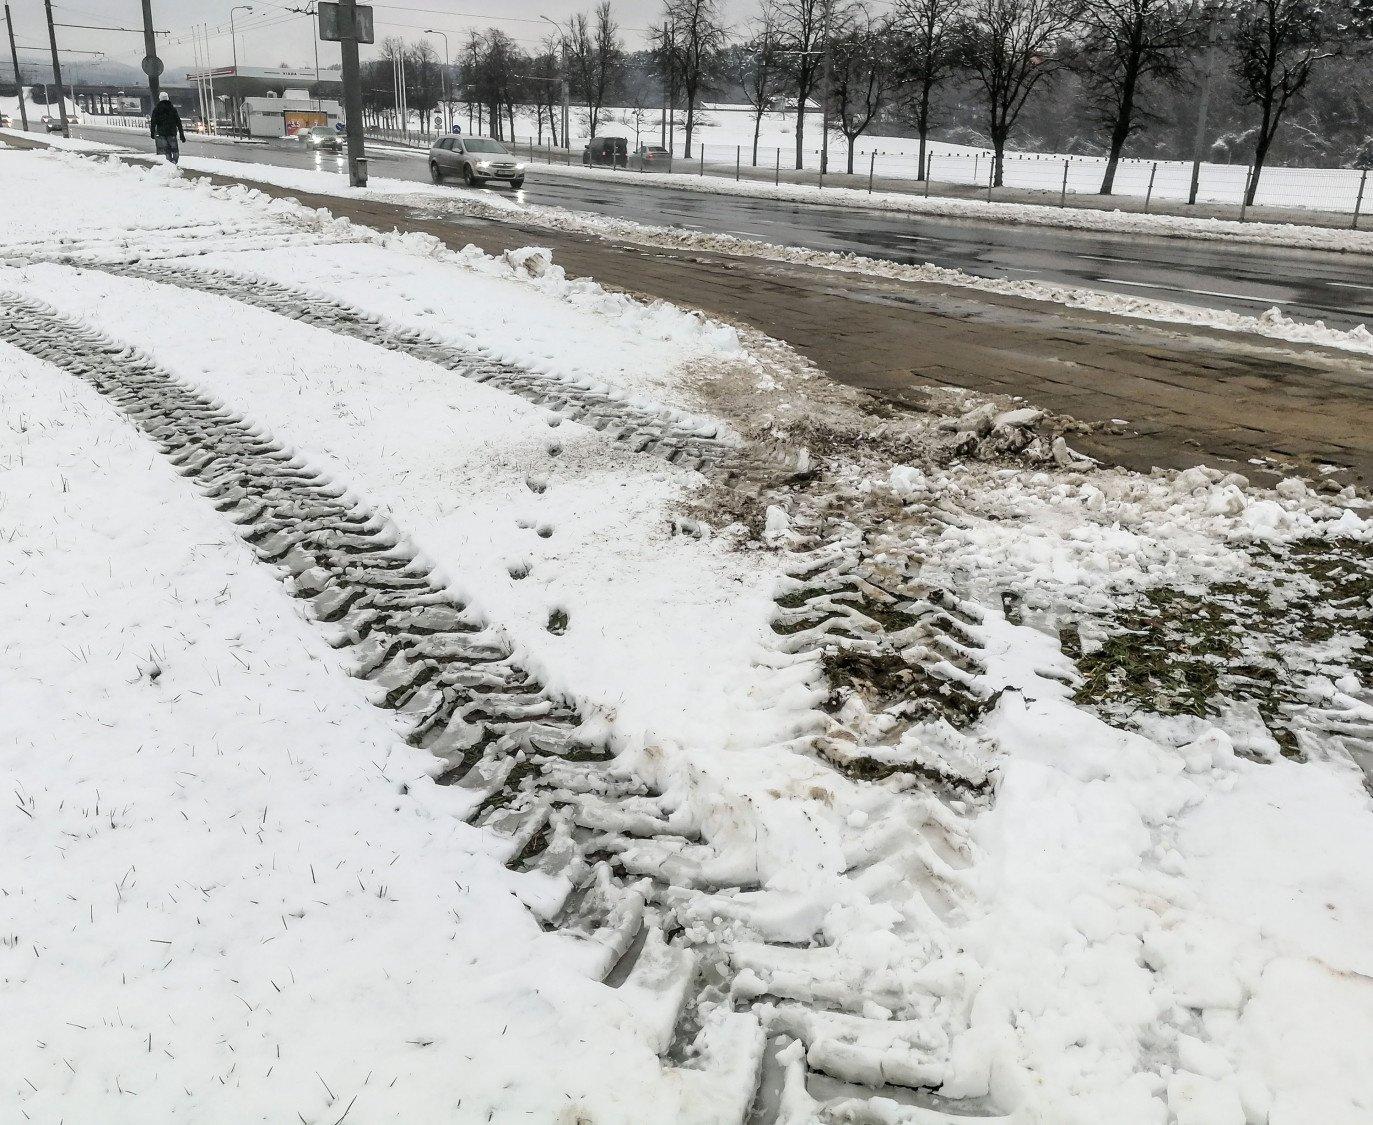 Visoje šalyje eismo sąlygas sunkina snygis, sudėtingesnės sąlygos – Šiaurės vakarų Lietuvoje